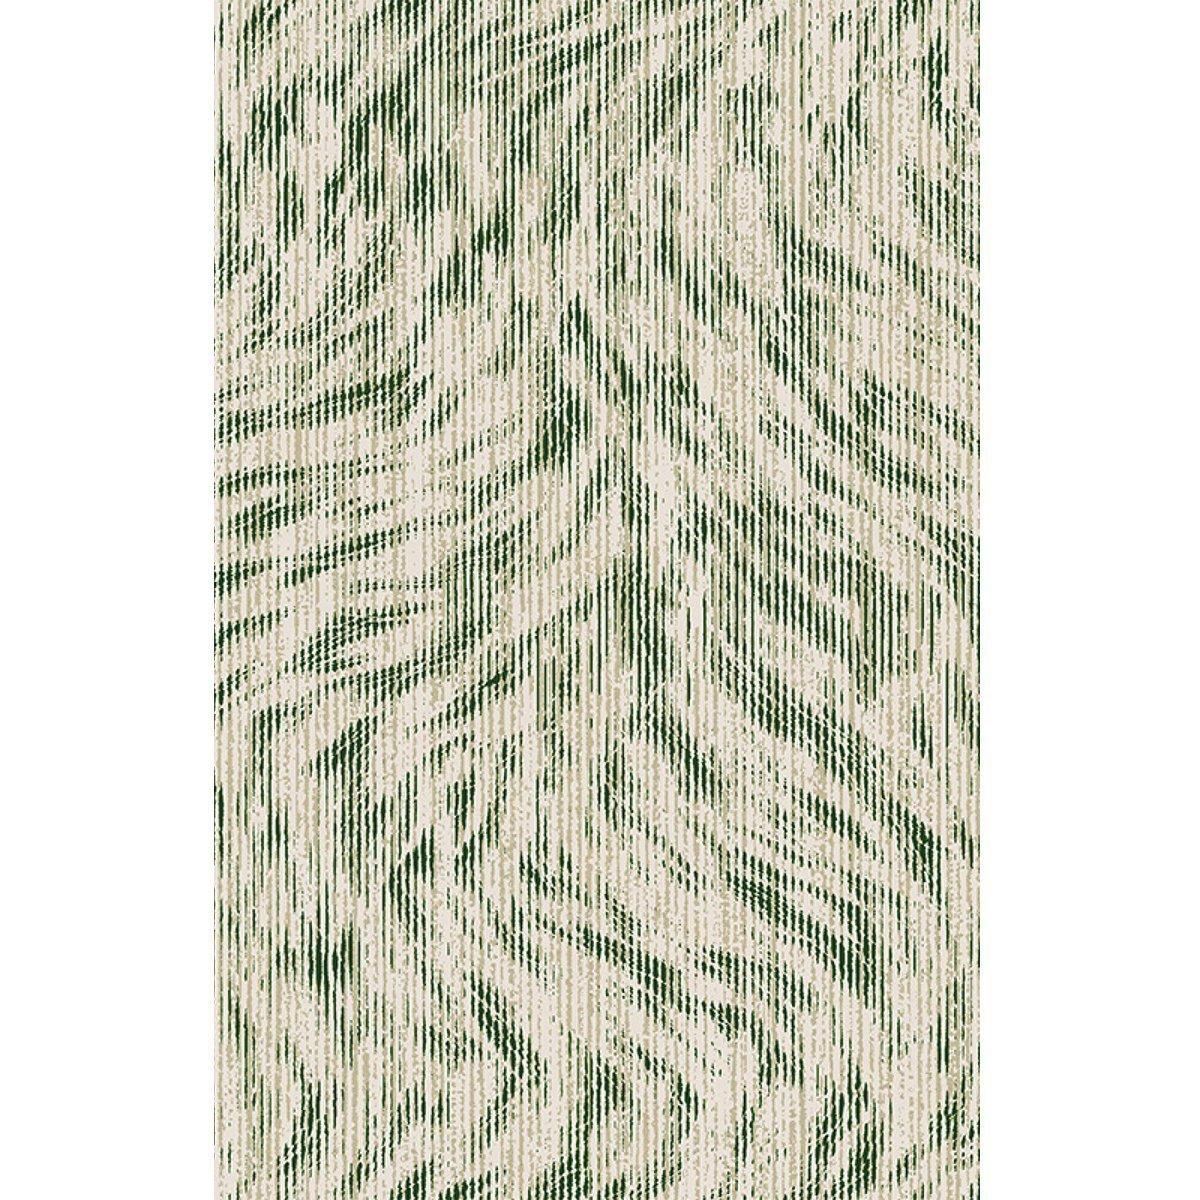 Moooi Blushing Sloth Behang Moss - 5 meter